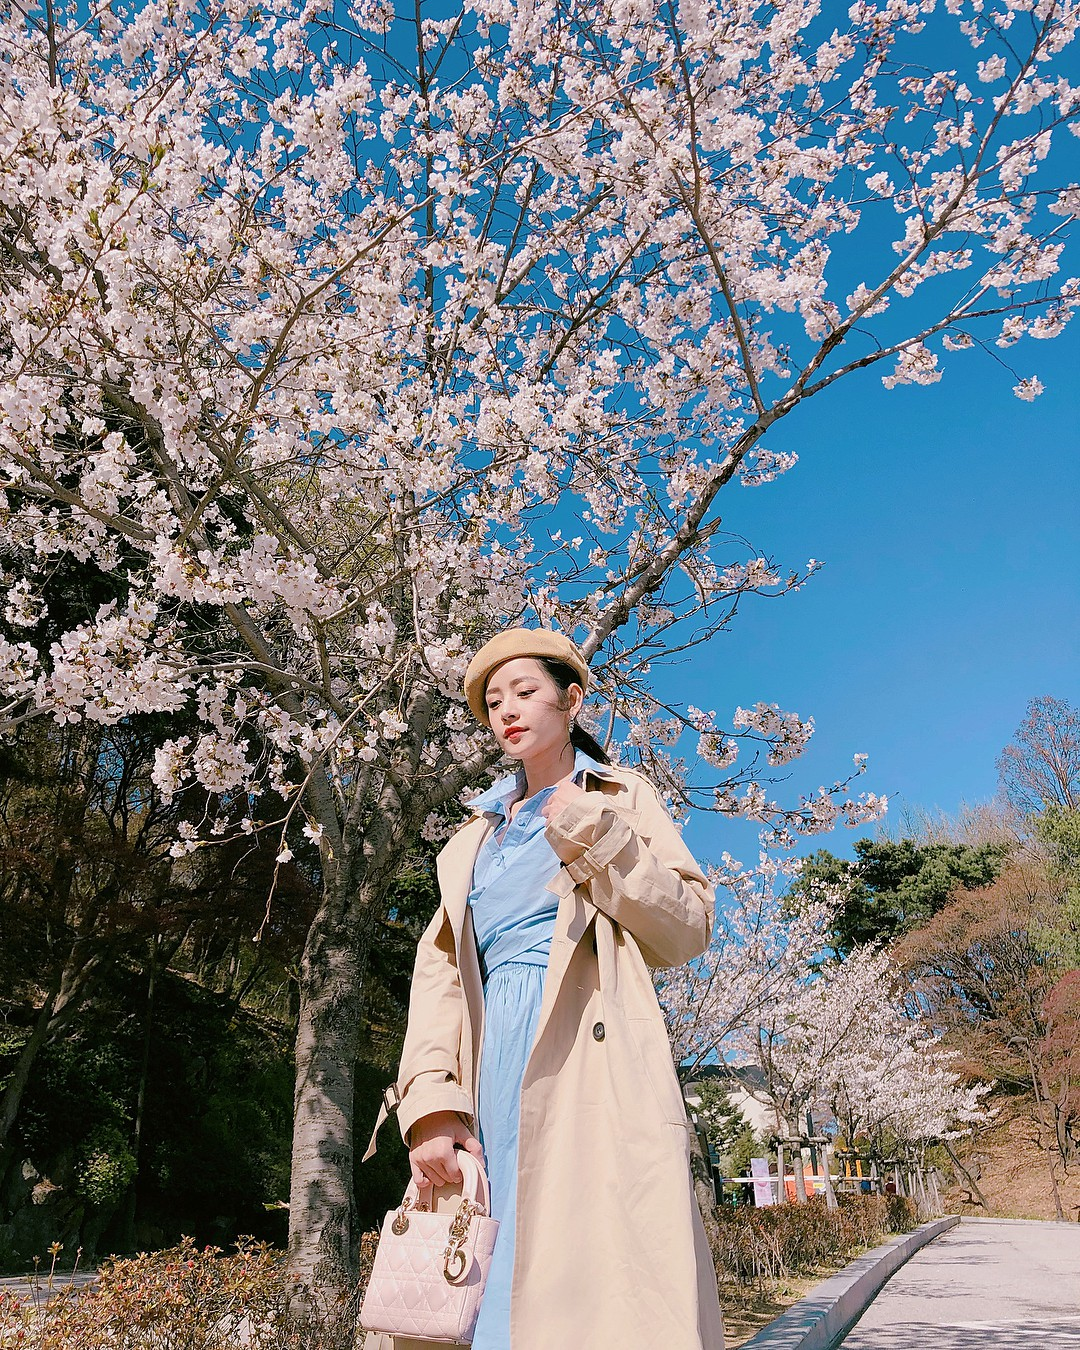 Mặc đẹp không thua kém giới trẻ Hàn, Chi Pu lọt ống kính nhiếp ảnh gia street style tại Seoul khi tới đây du lịch - Ảnh 2.